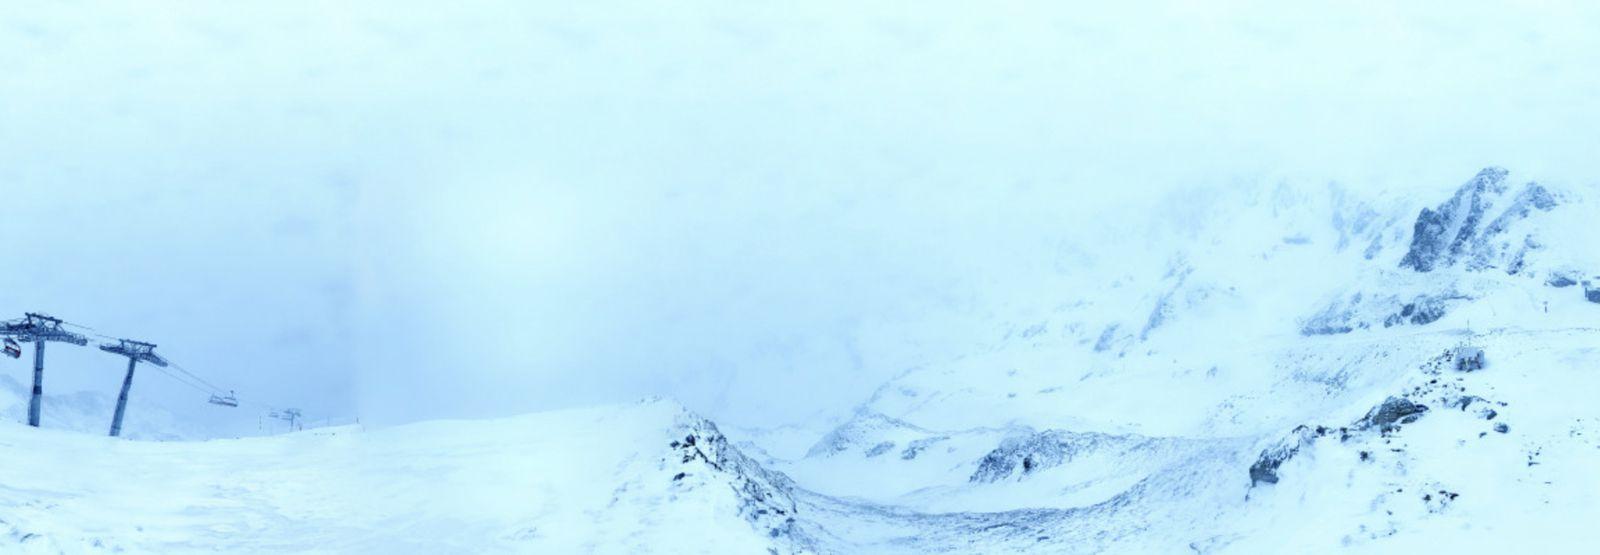 Luchon-Superbagnères : tombe la neige...